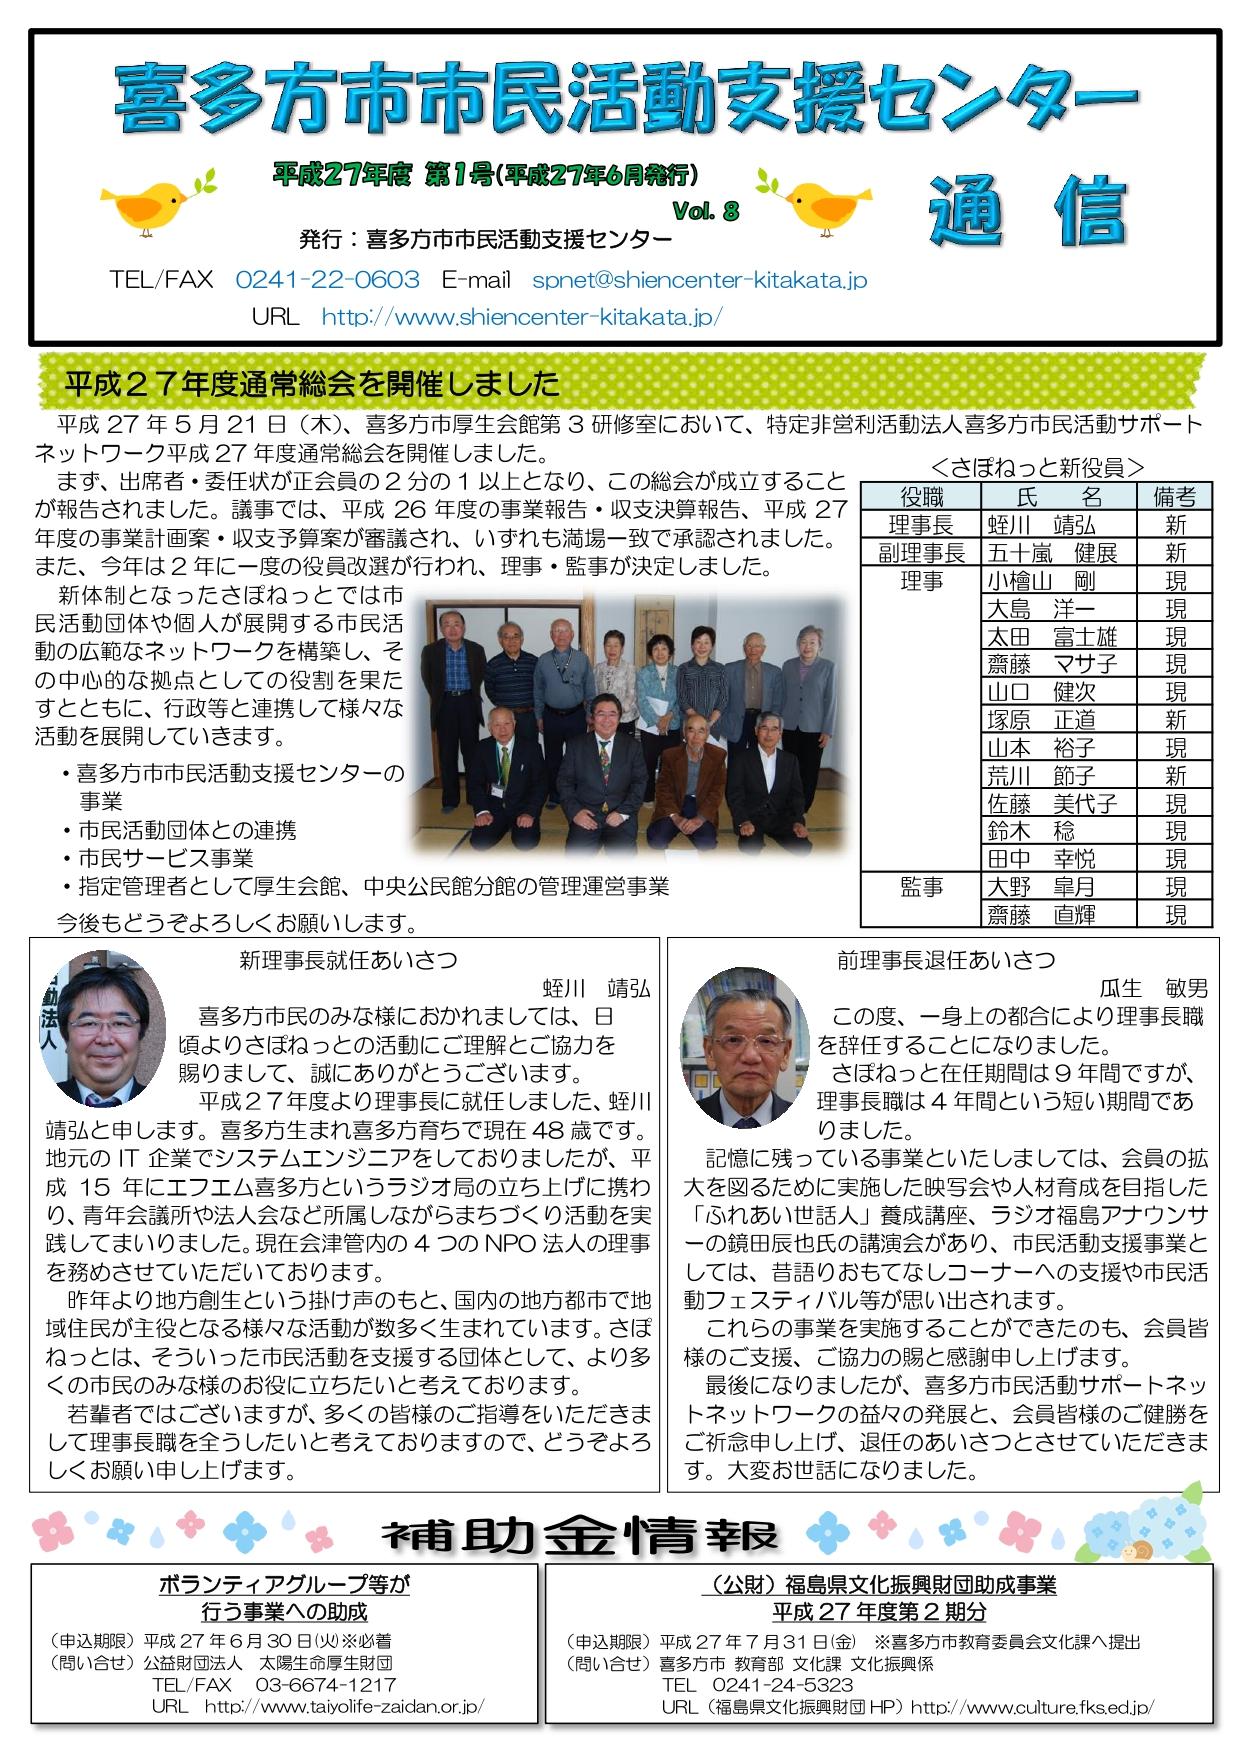 喜多方市市民活動支援センター通信 平成27年度第1号(Vol.8)